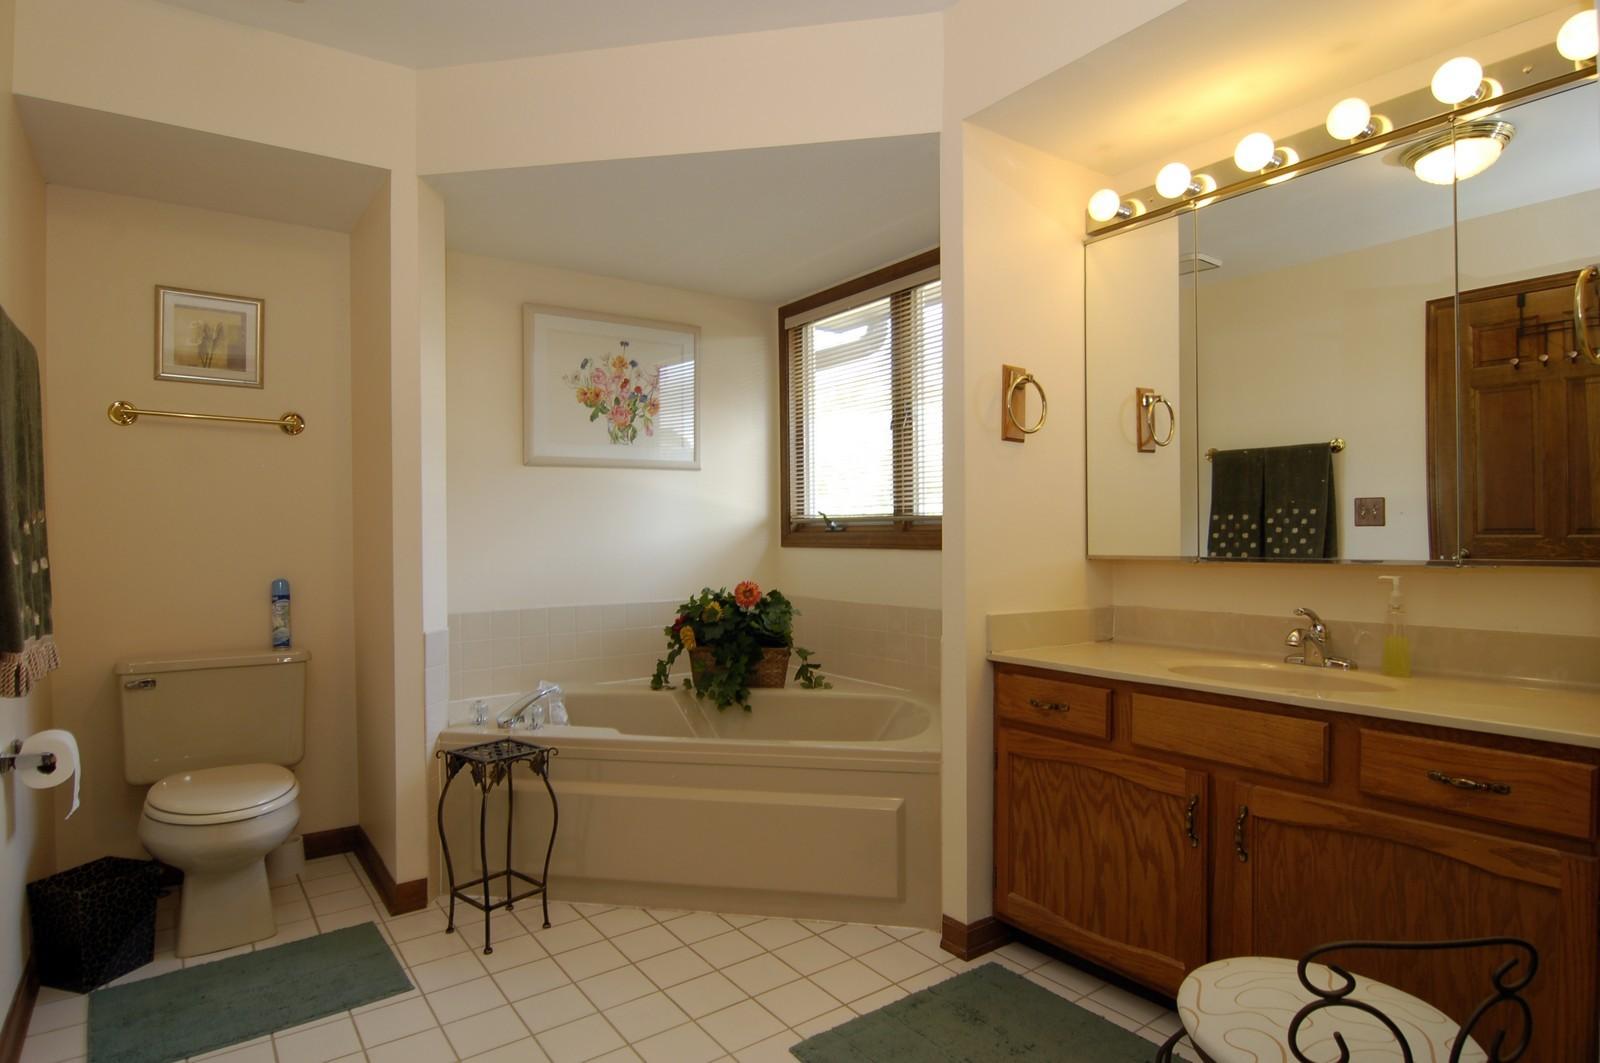 Real Estate Photography - 900 Saddlewood Dr, Glen Ellyn, IL, 60137 - Master Bathroom